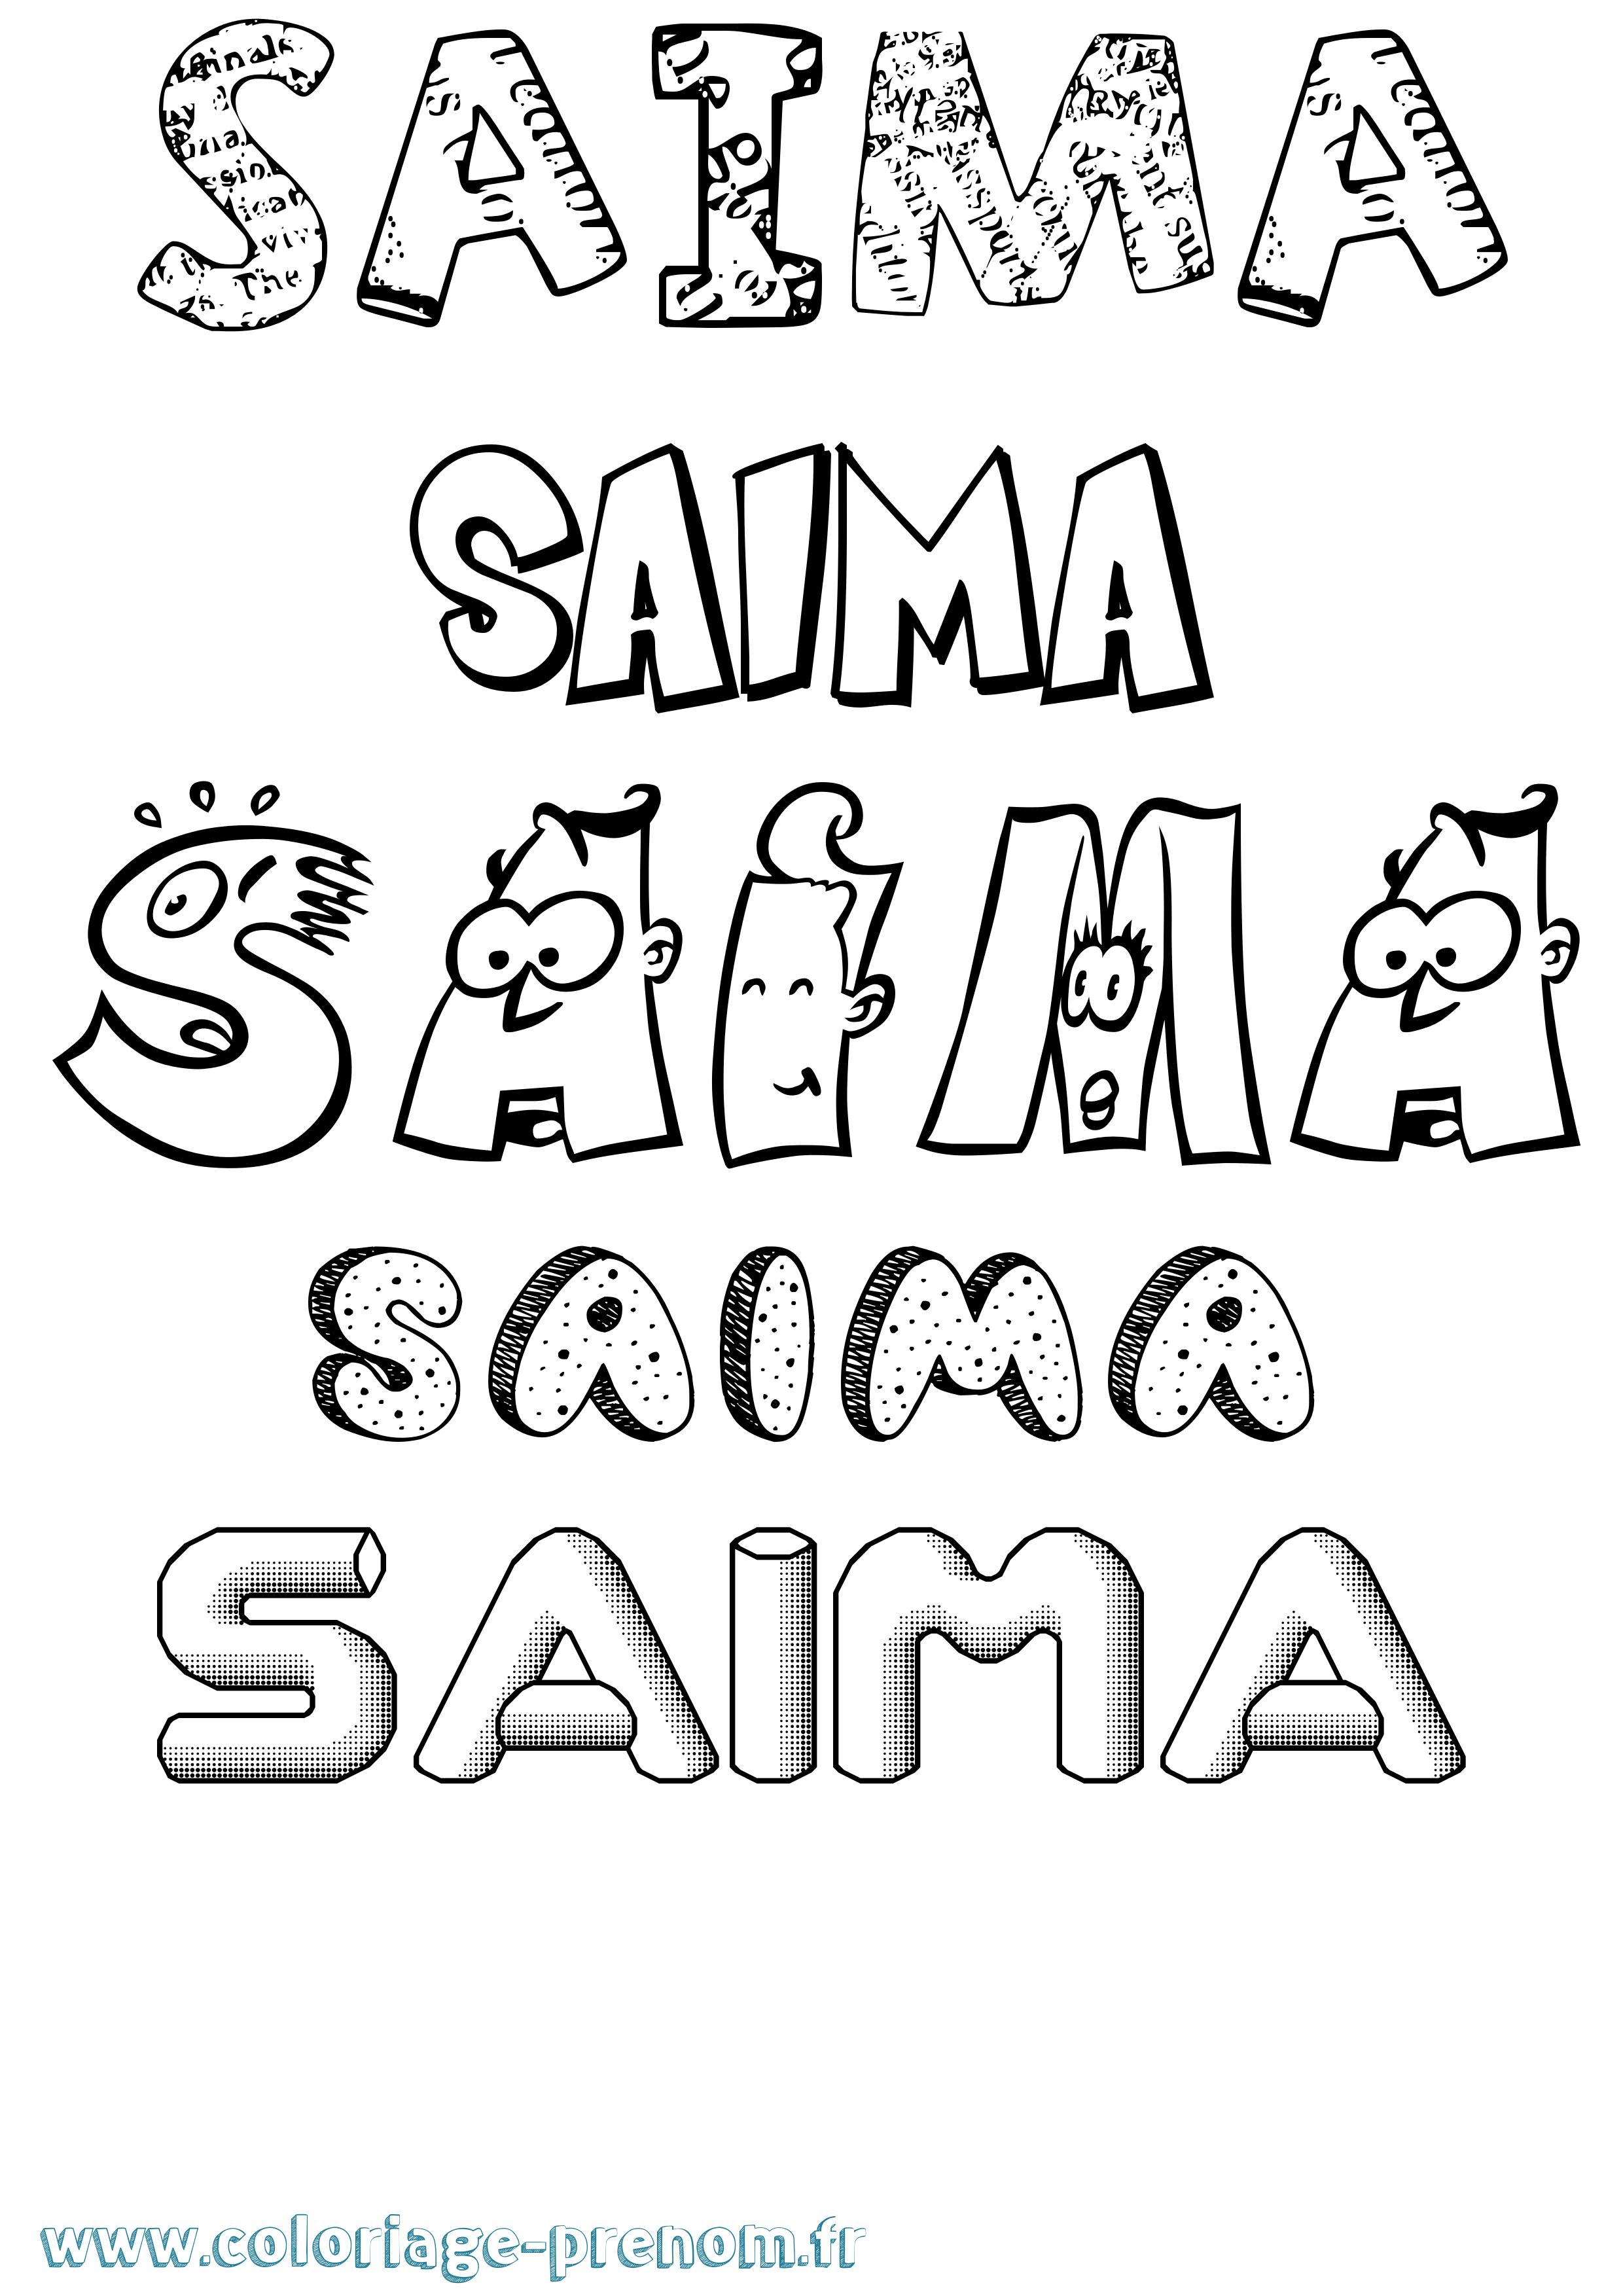 coloriage du pr nom sa ma imprimer ou t l charger facilement Sai Maa Lakshmi Devi